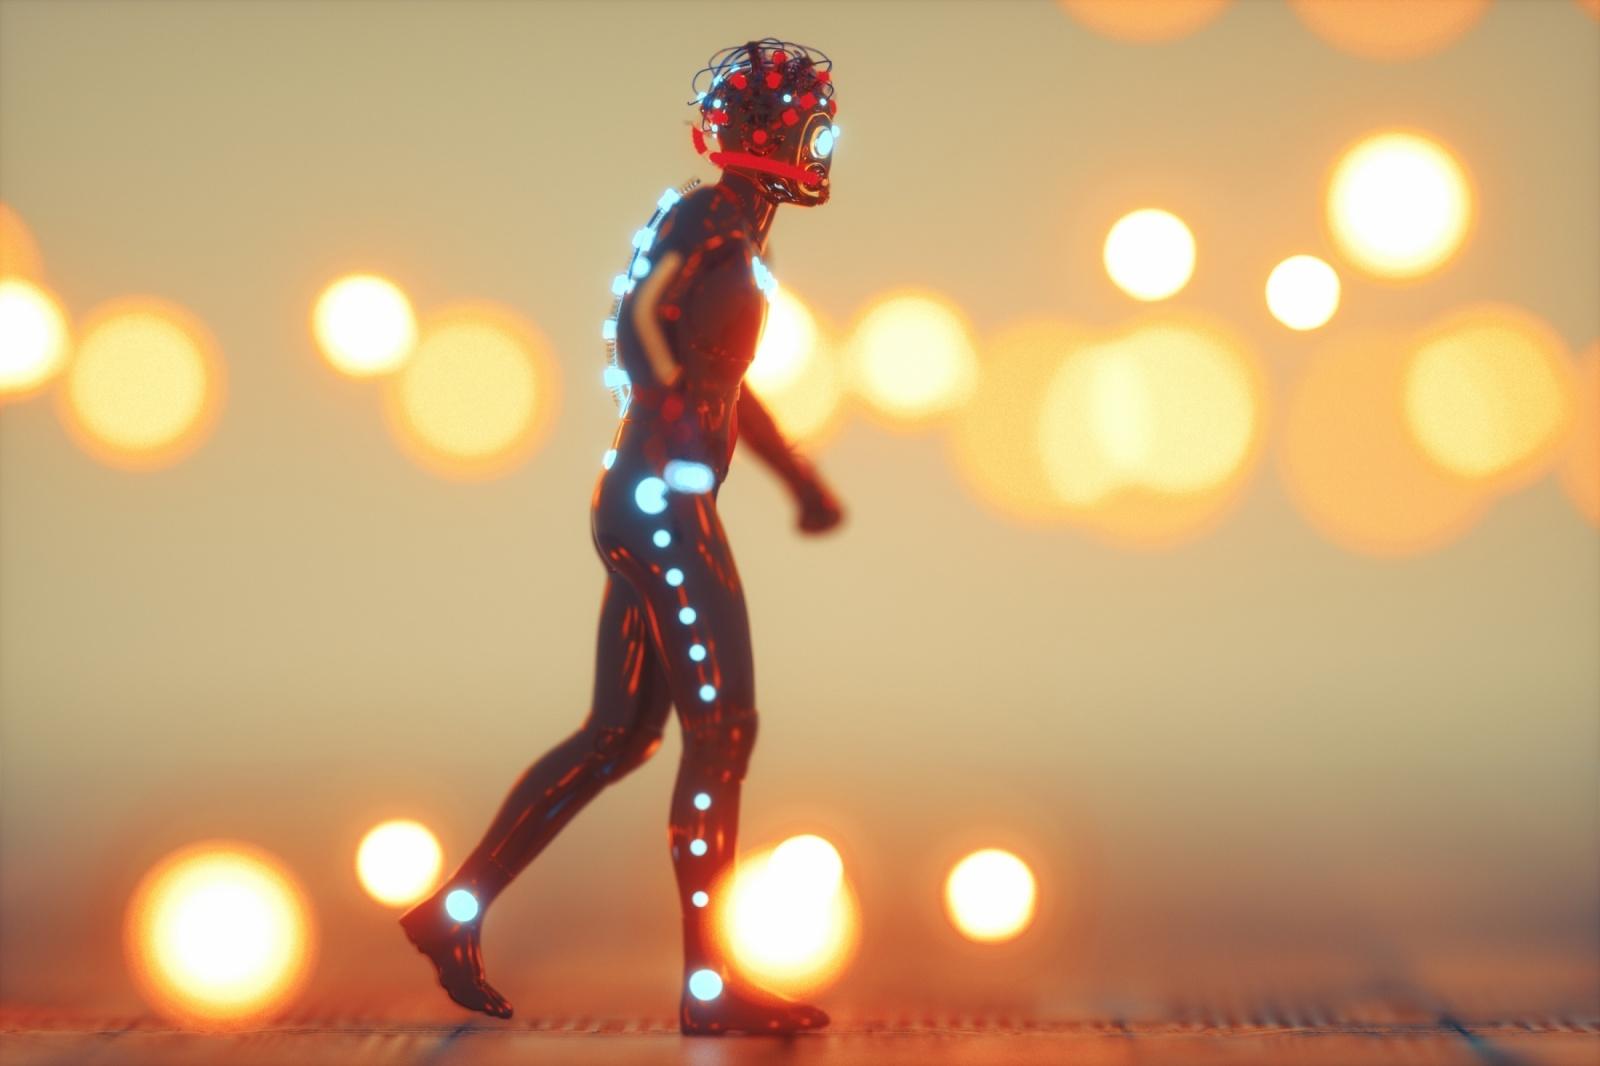 3V Cyborg